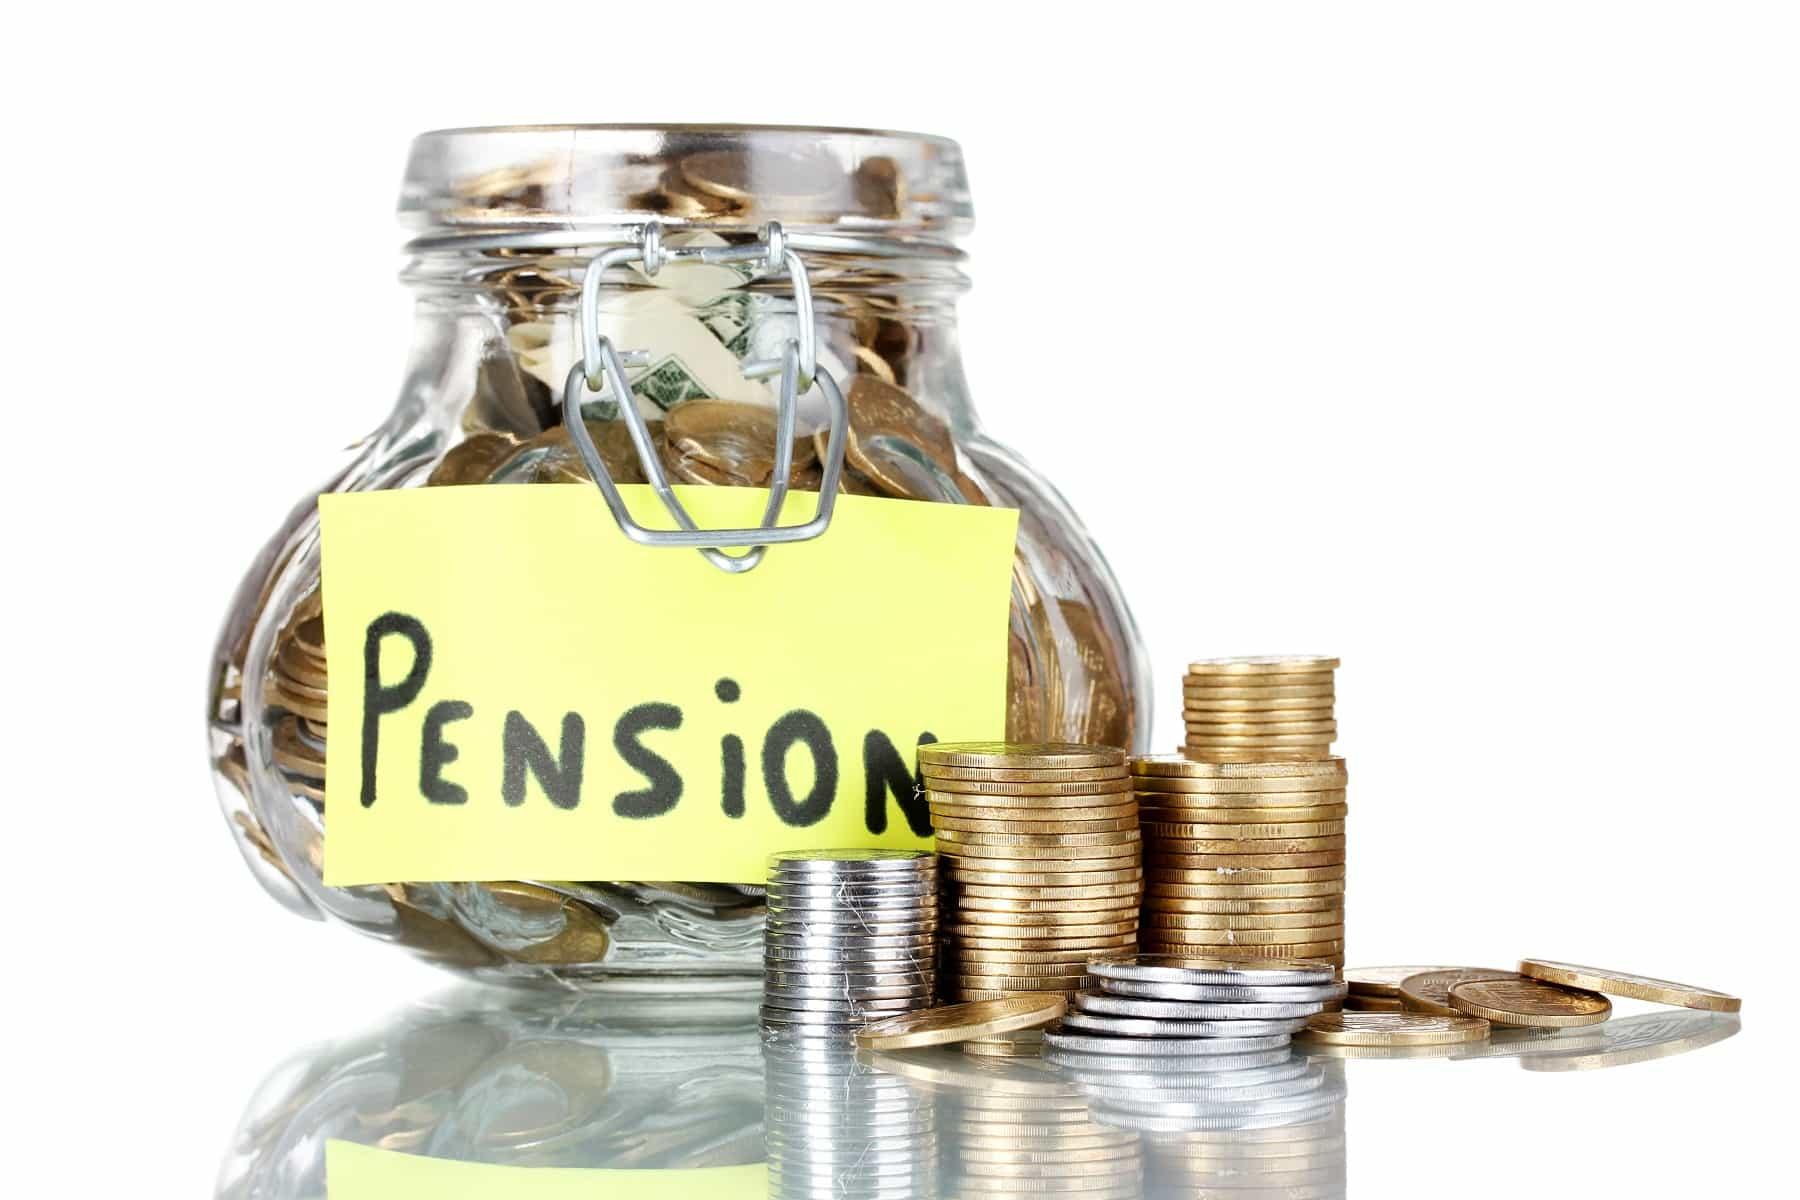 Con soluciones de identidad basadas en blockchain, pueden optimizarse los procesos relacionados con los fondos de pensiones